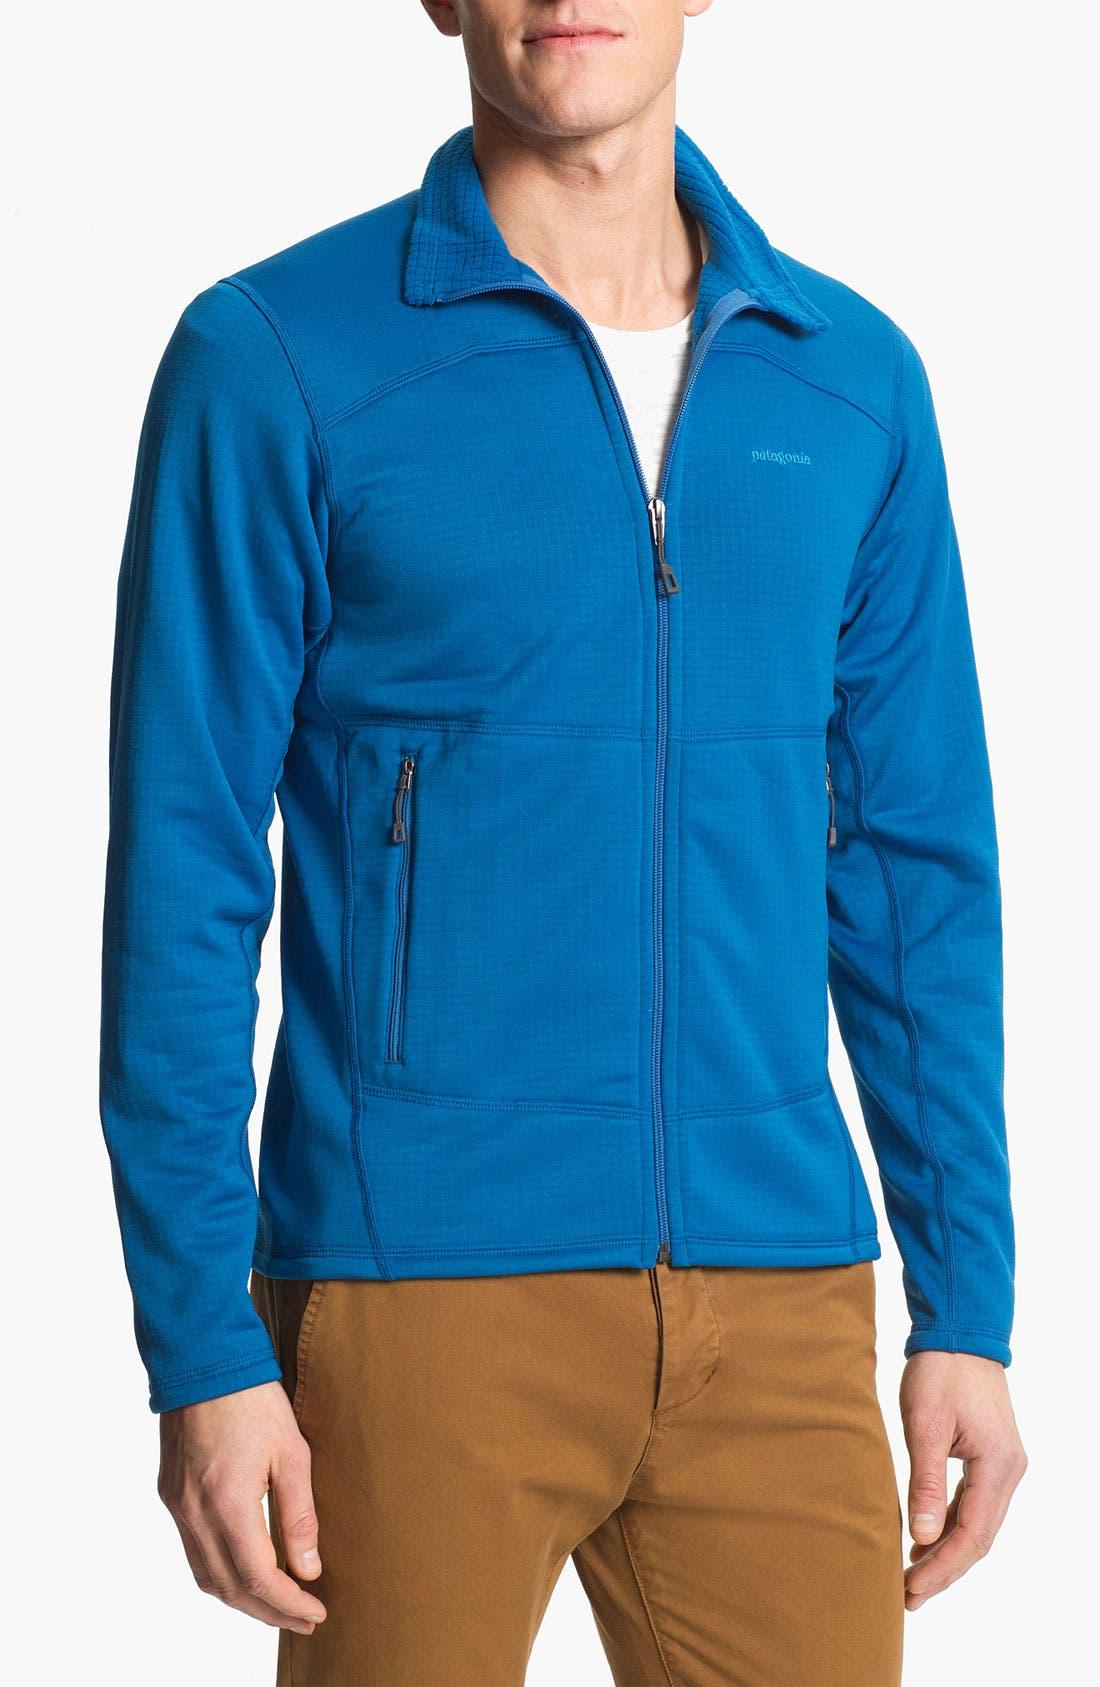 Alternate Image 1 Selected - Patagonia 'MSR1' Zip Fleece Jacket